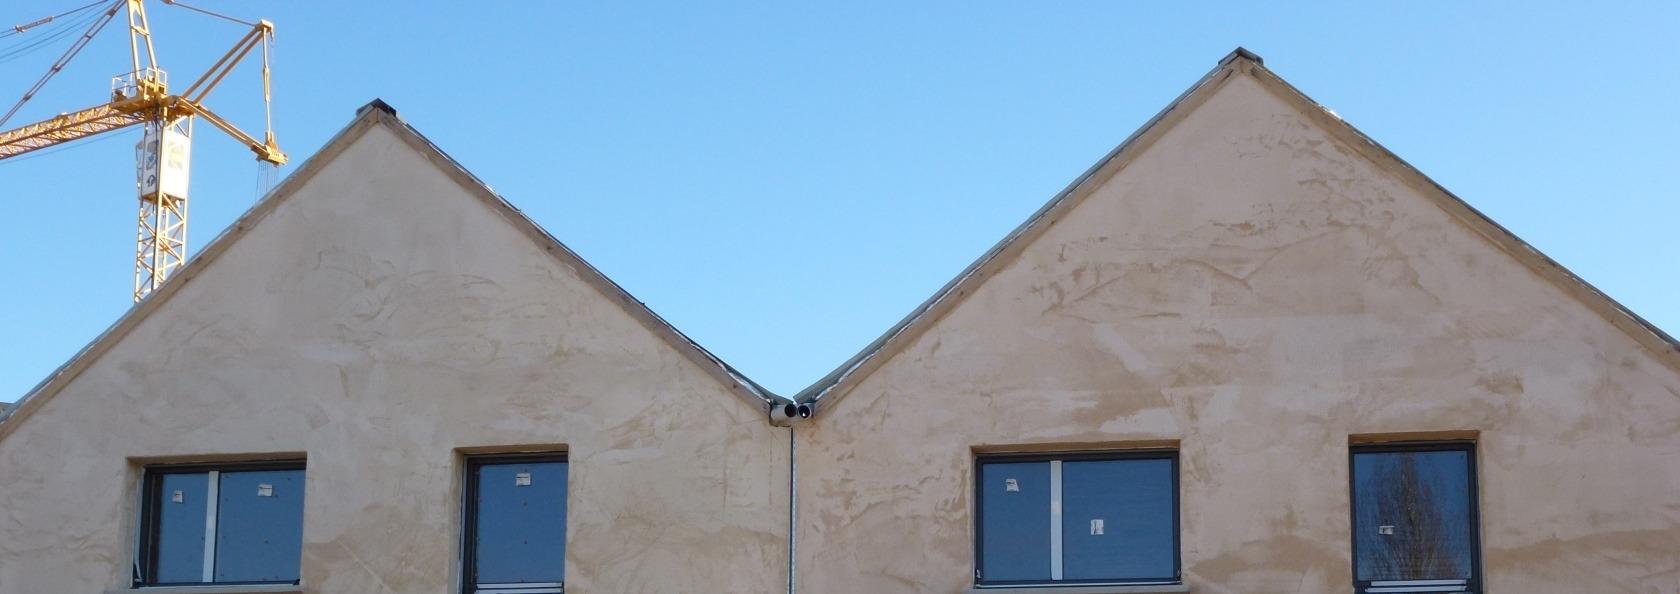 investir immobilier neuf rennes coop habitat bretagne. Black Bedroom Furniture Sets. Home Design Ideas